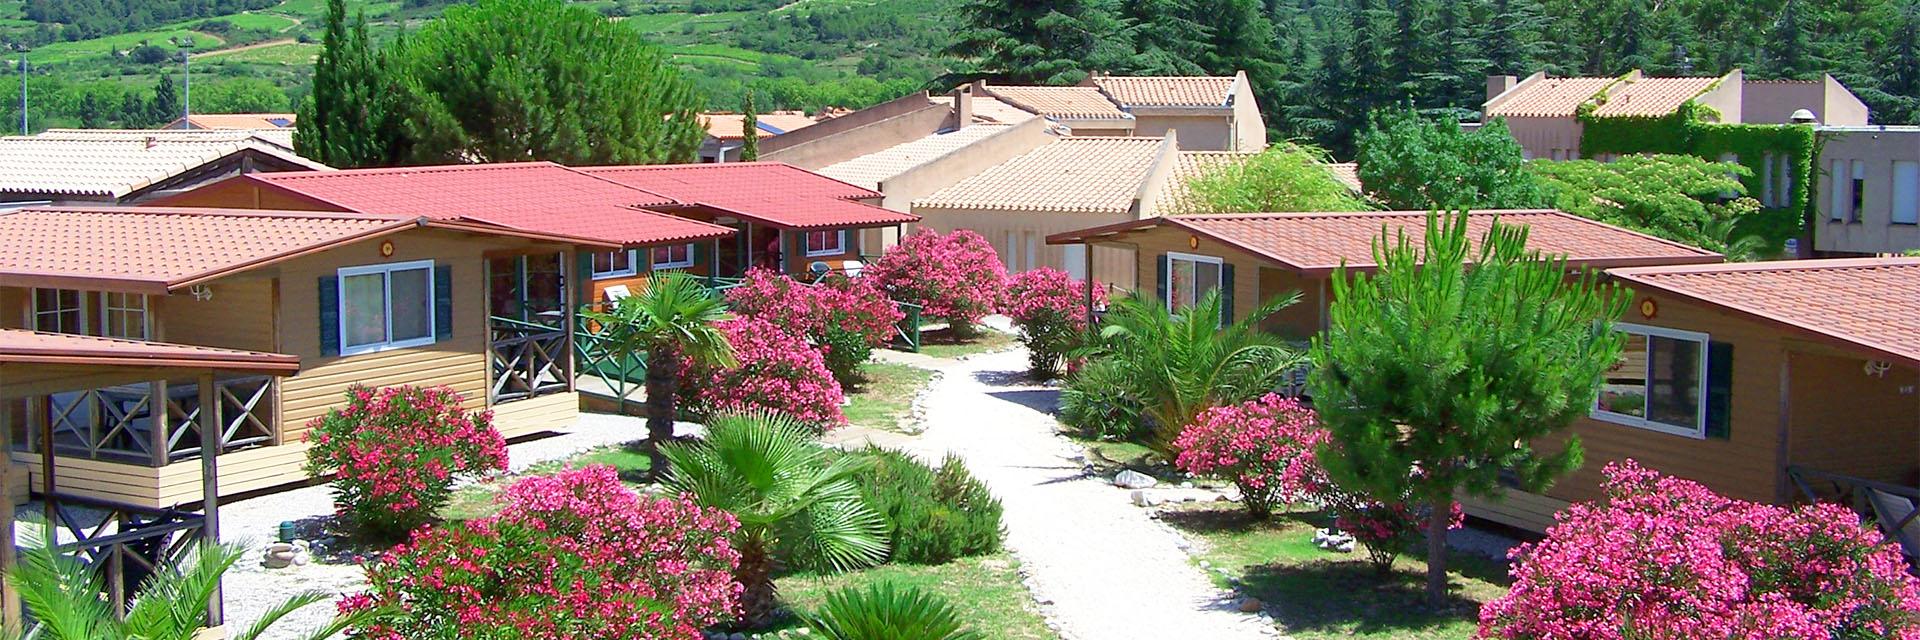 Village_club_vacances_normandie-et-cote-d-opale-torre-del-far-vue-village